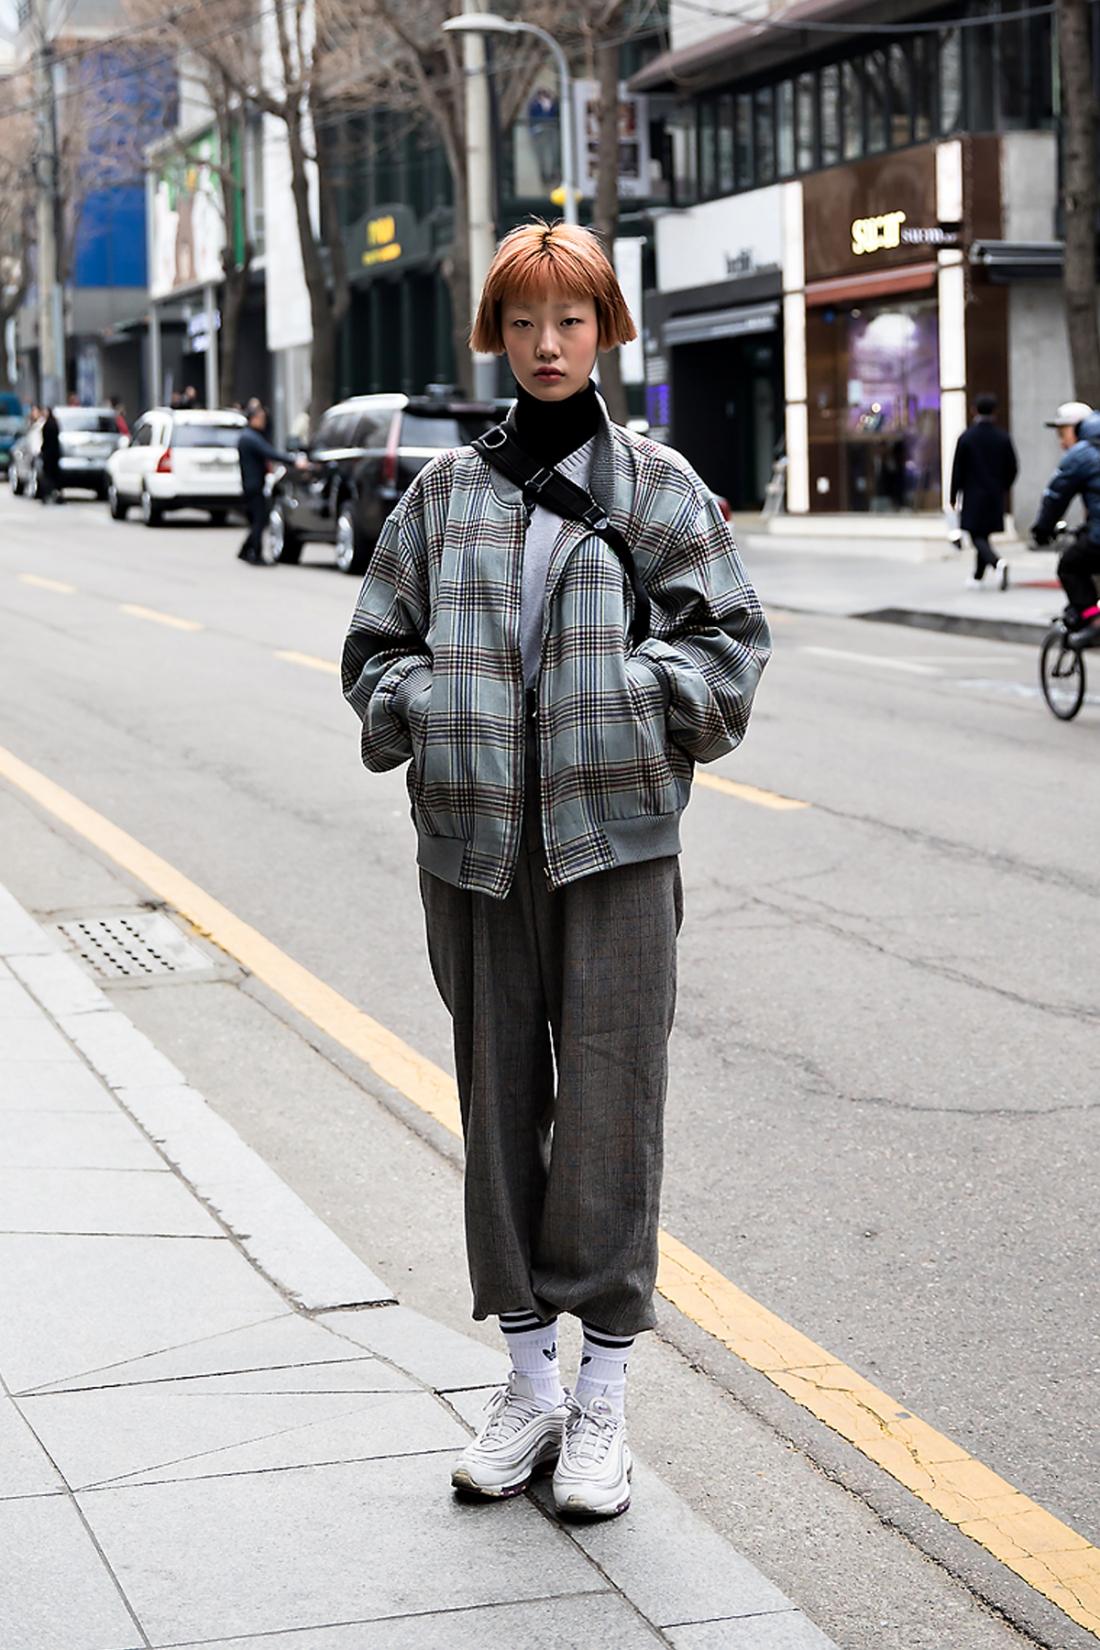 Ha Hyunjae, Street Fashion 2017 in SEOUL.jpg